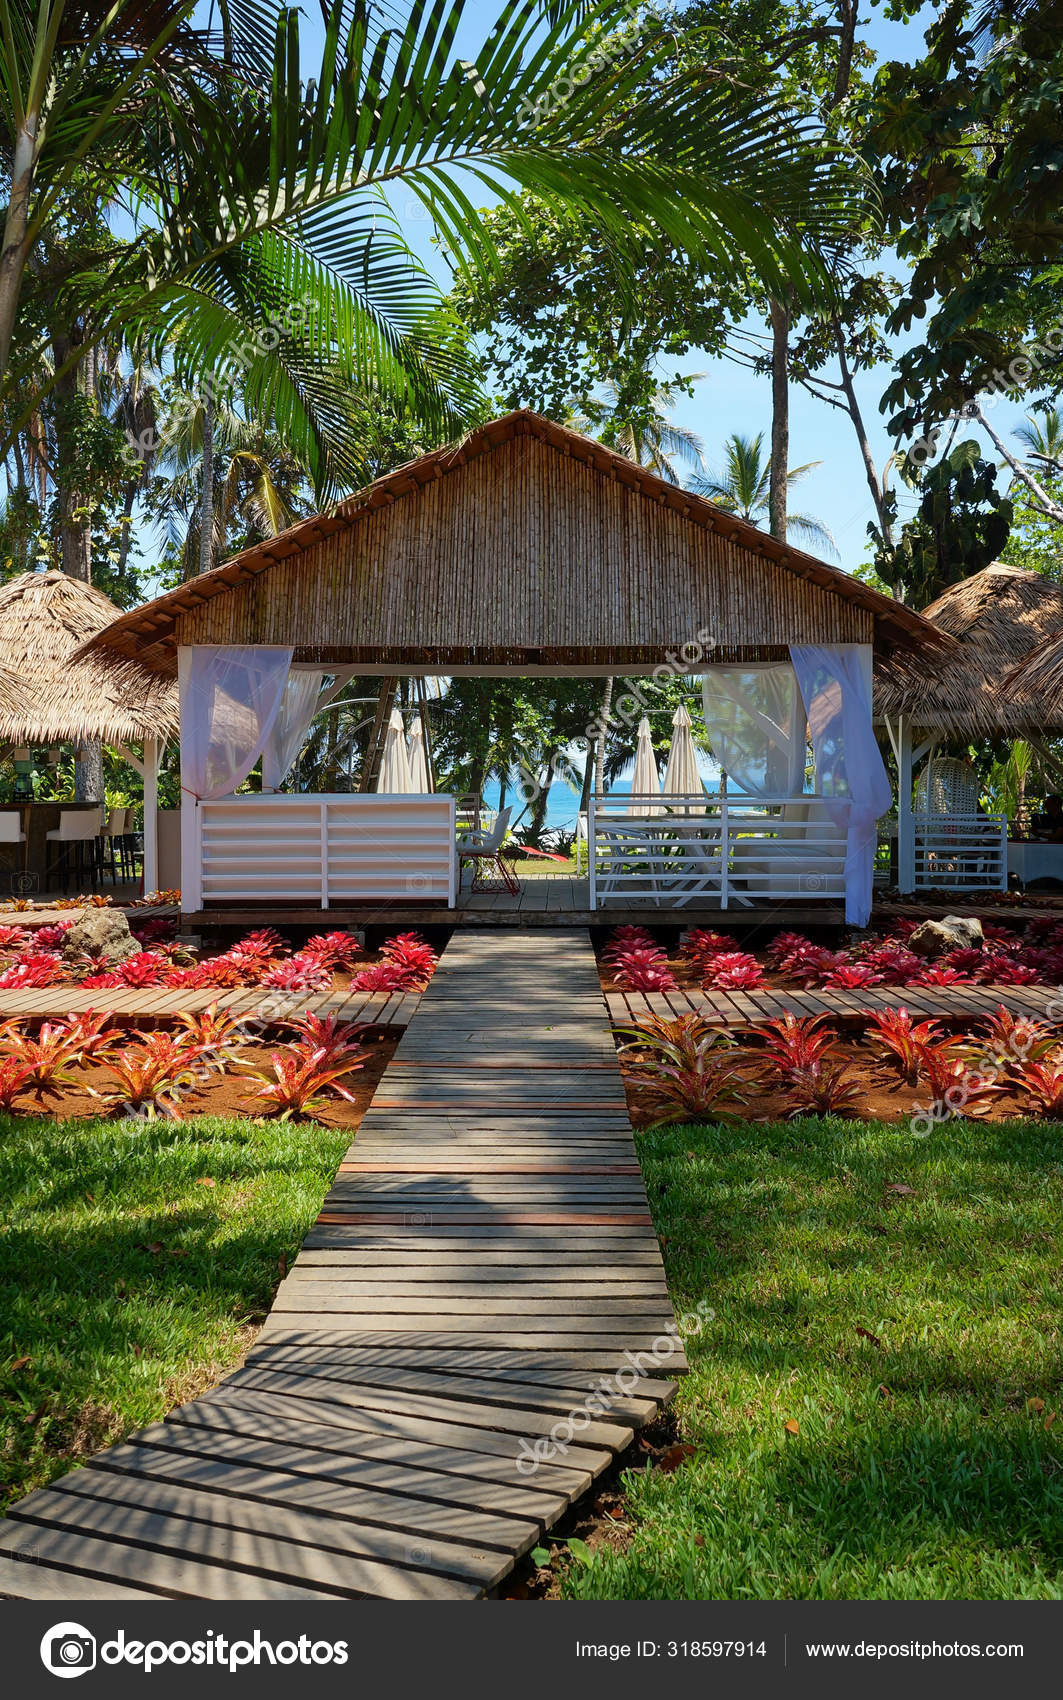 Walkway To Restaurant In Tropical Garden Stock Photo C Wildam 318597914